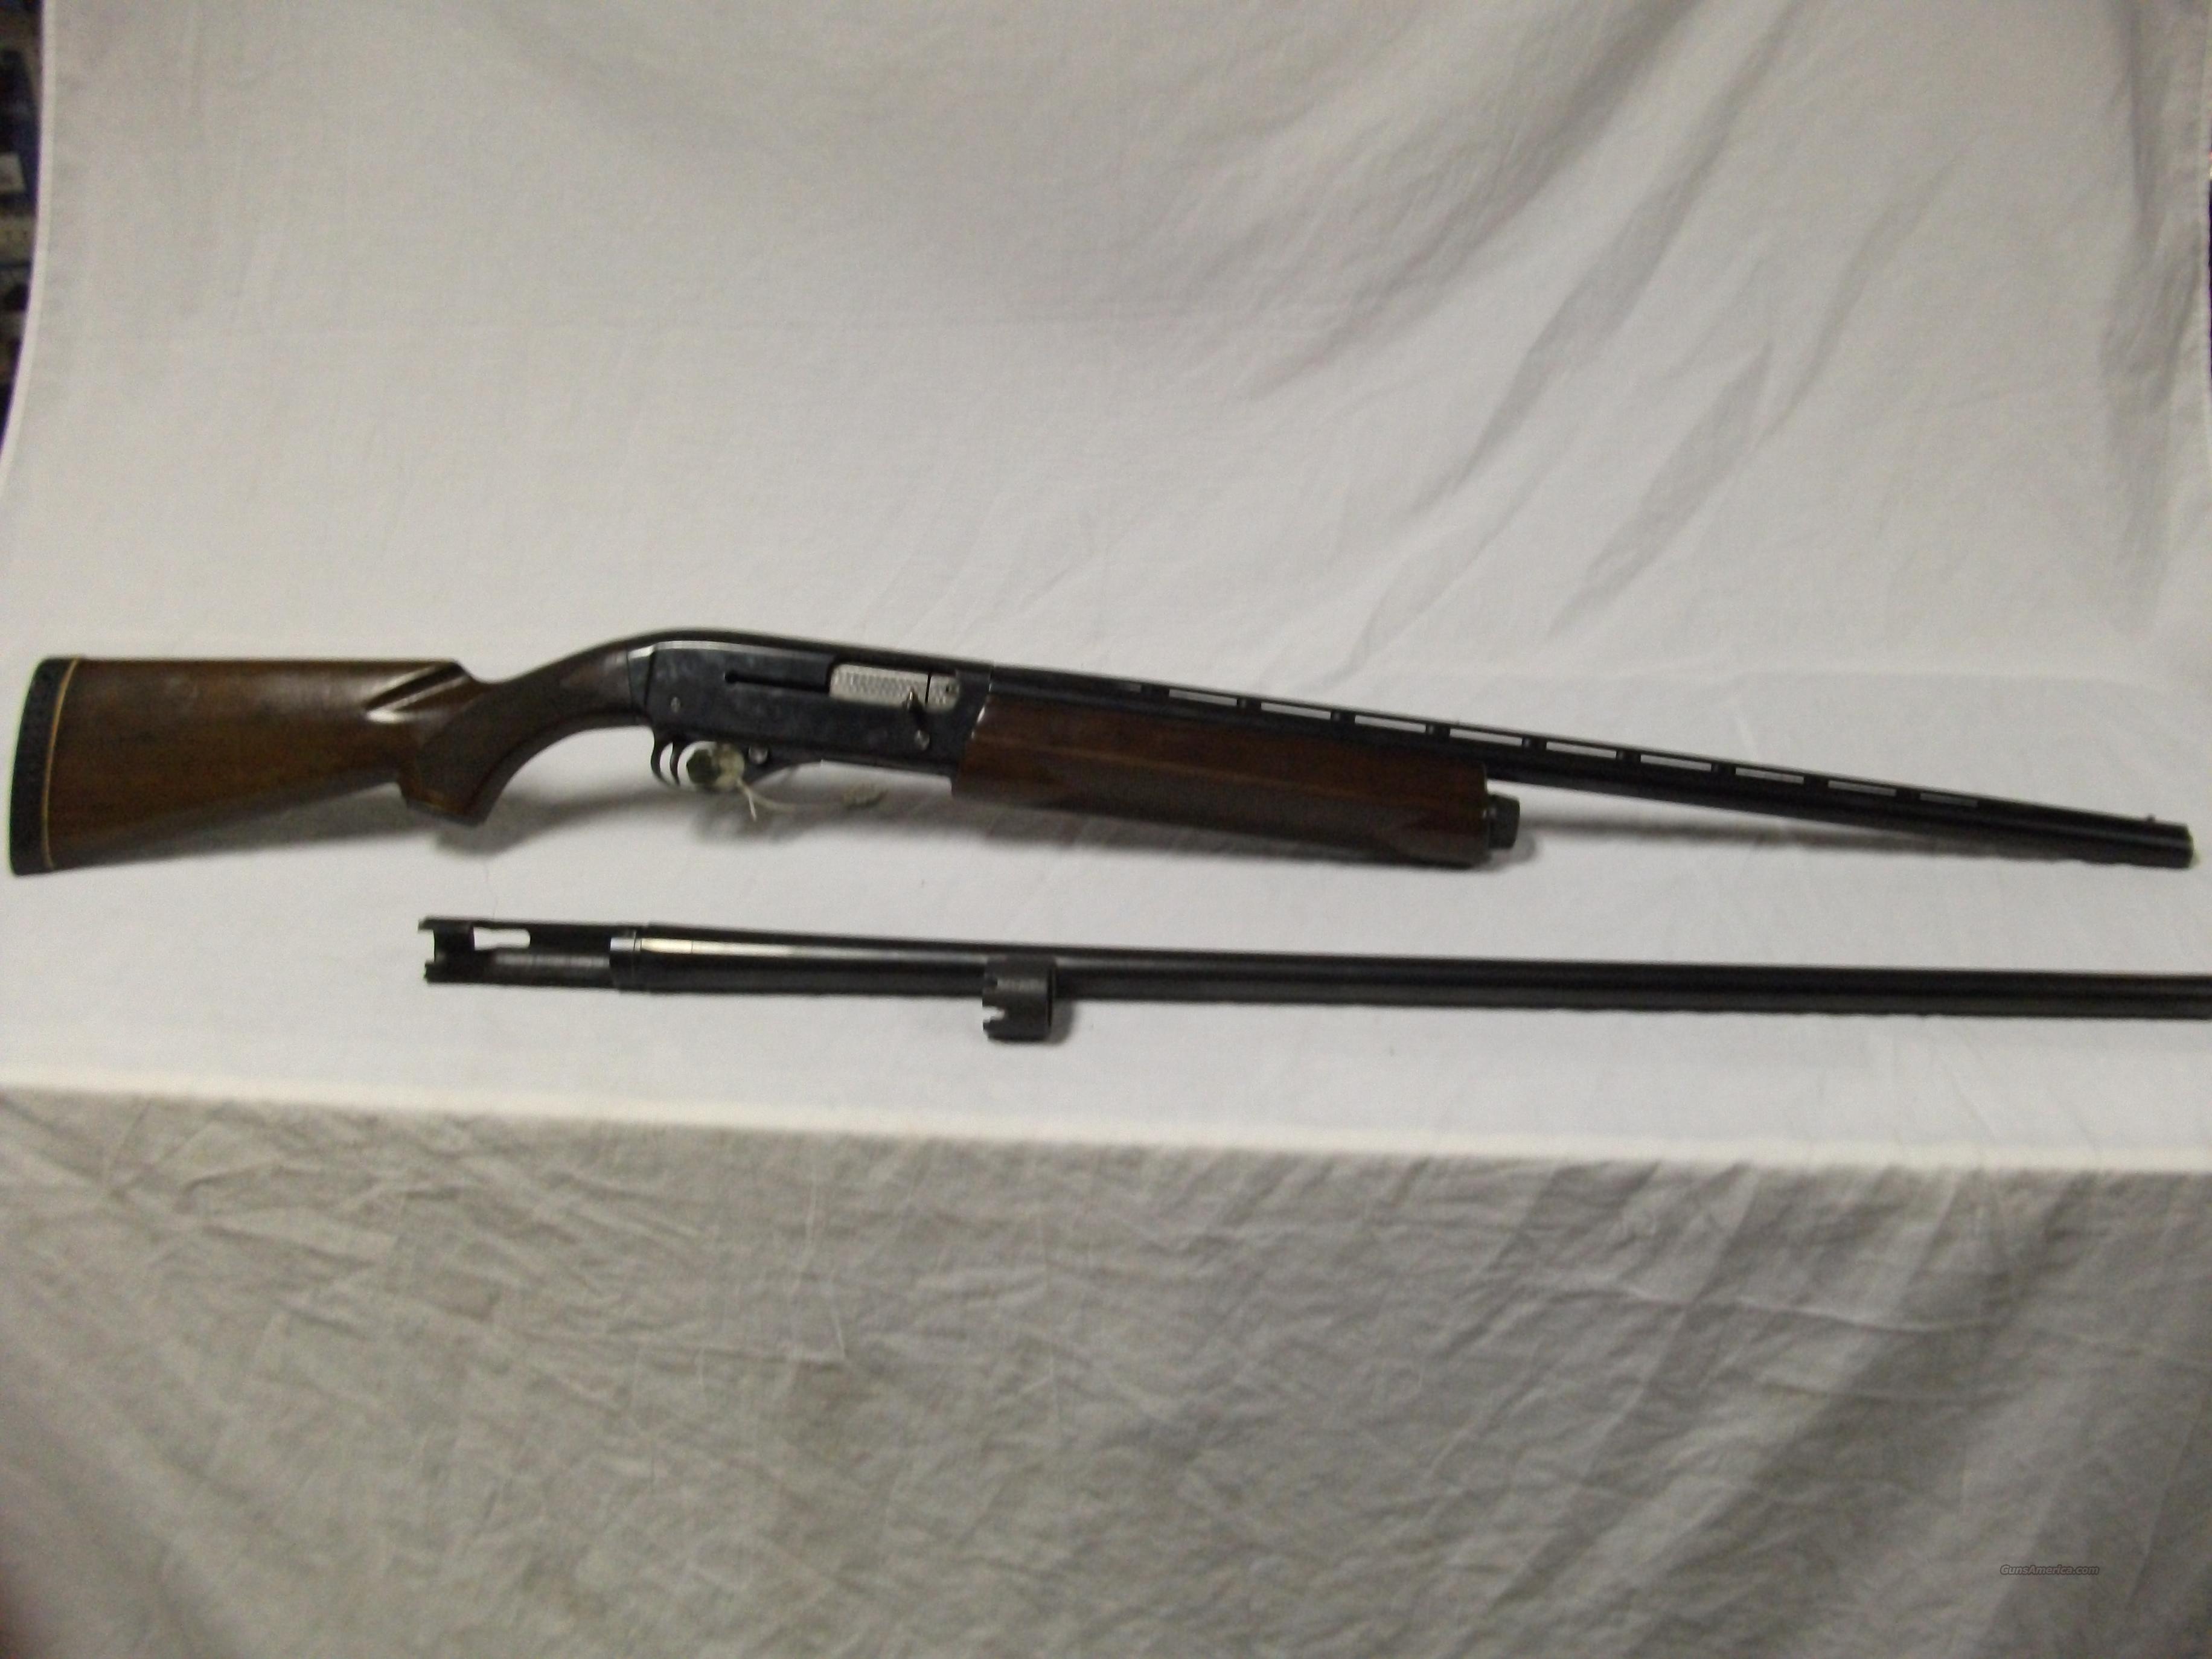 Winchester Super X Model 1 12 gauge  Guns > Shotguns > Winchester Shotguns - Modern > Autoloaders > Trap/Skeet